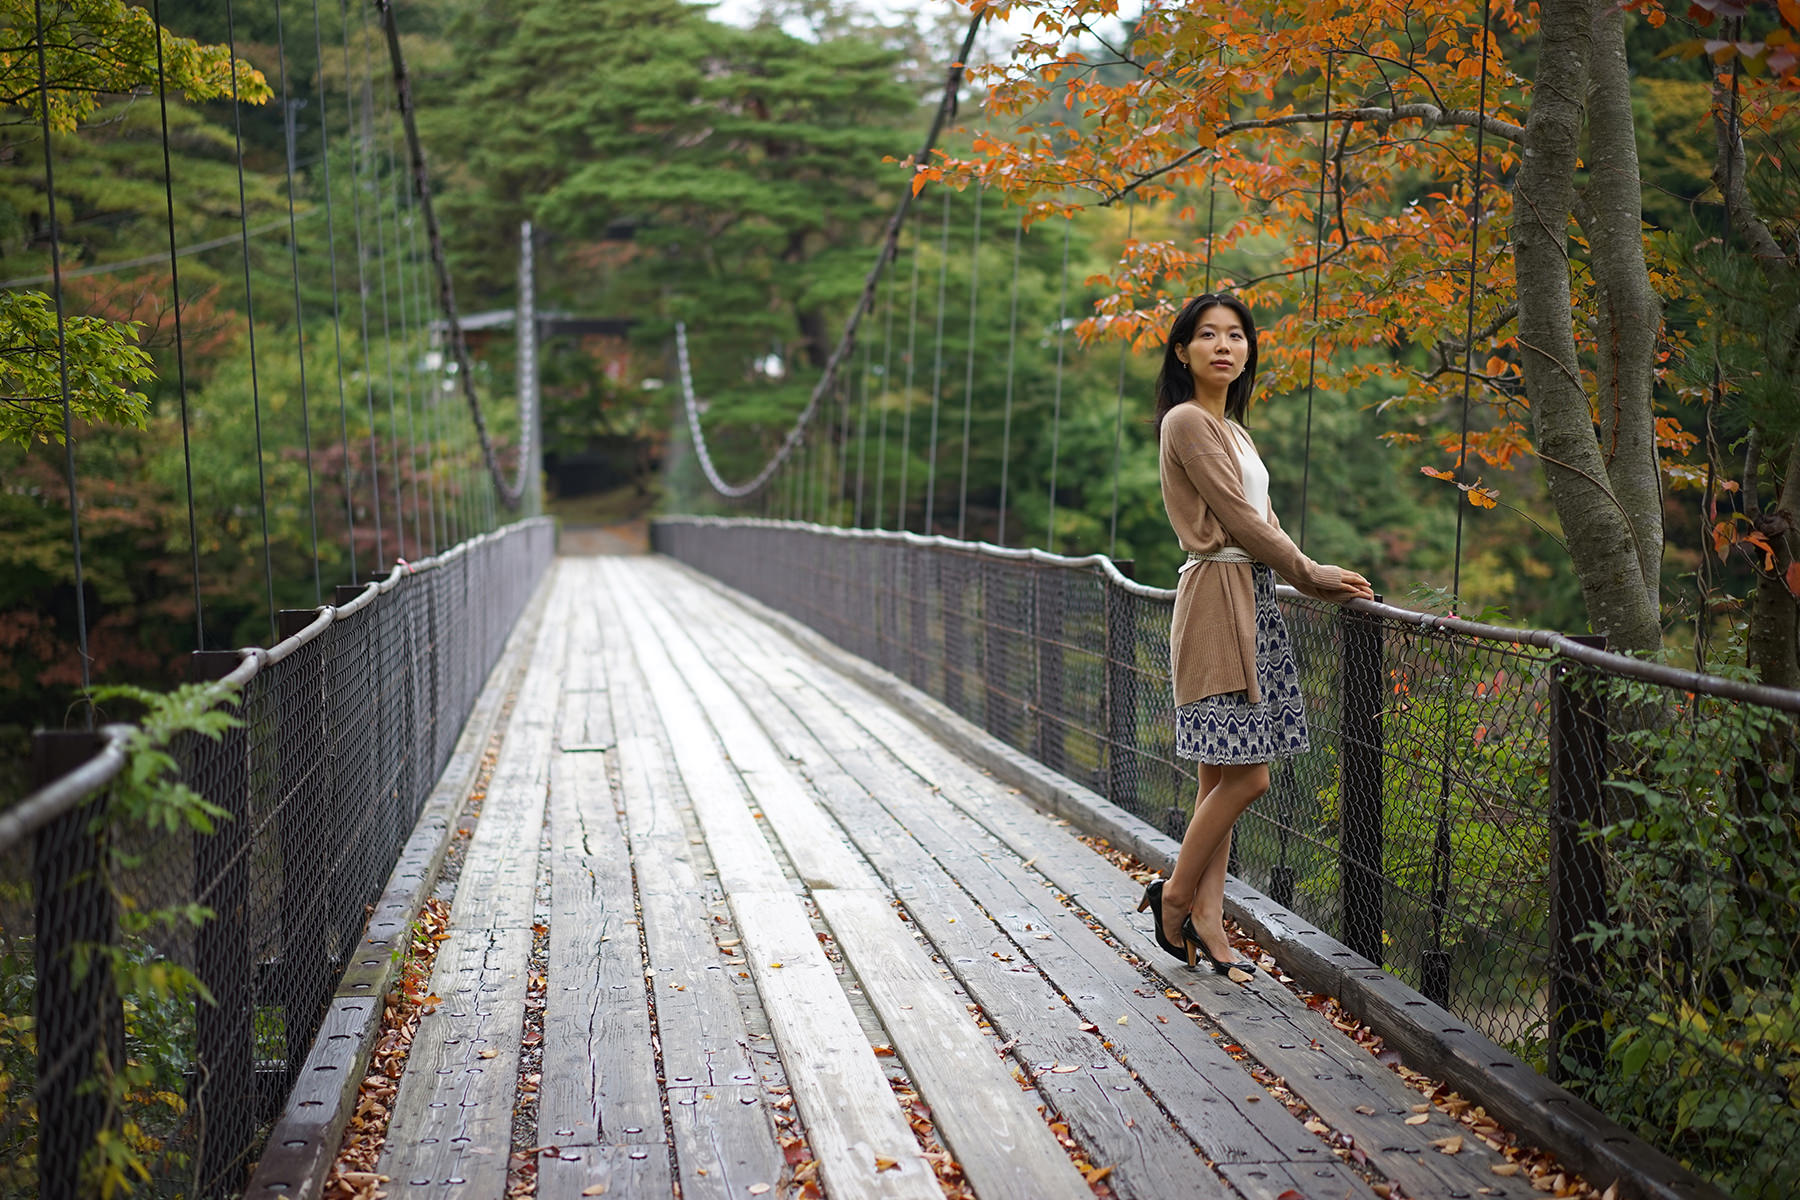 秋-1 吊り橋の女性